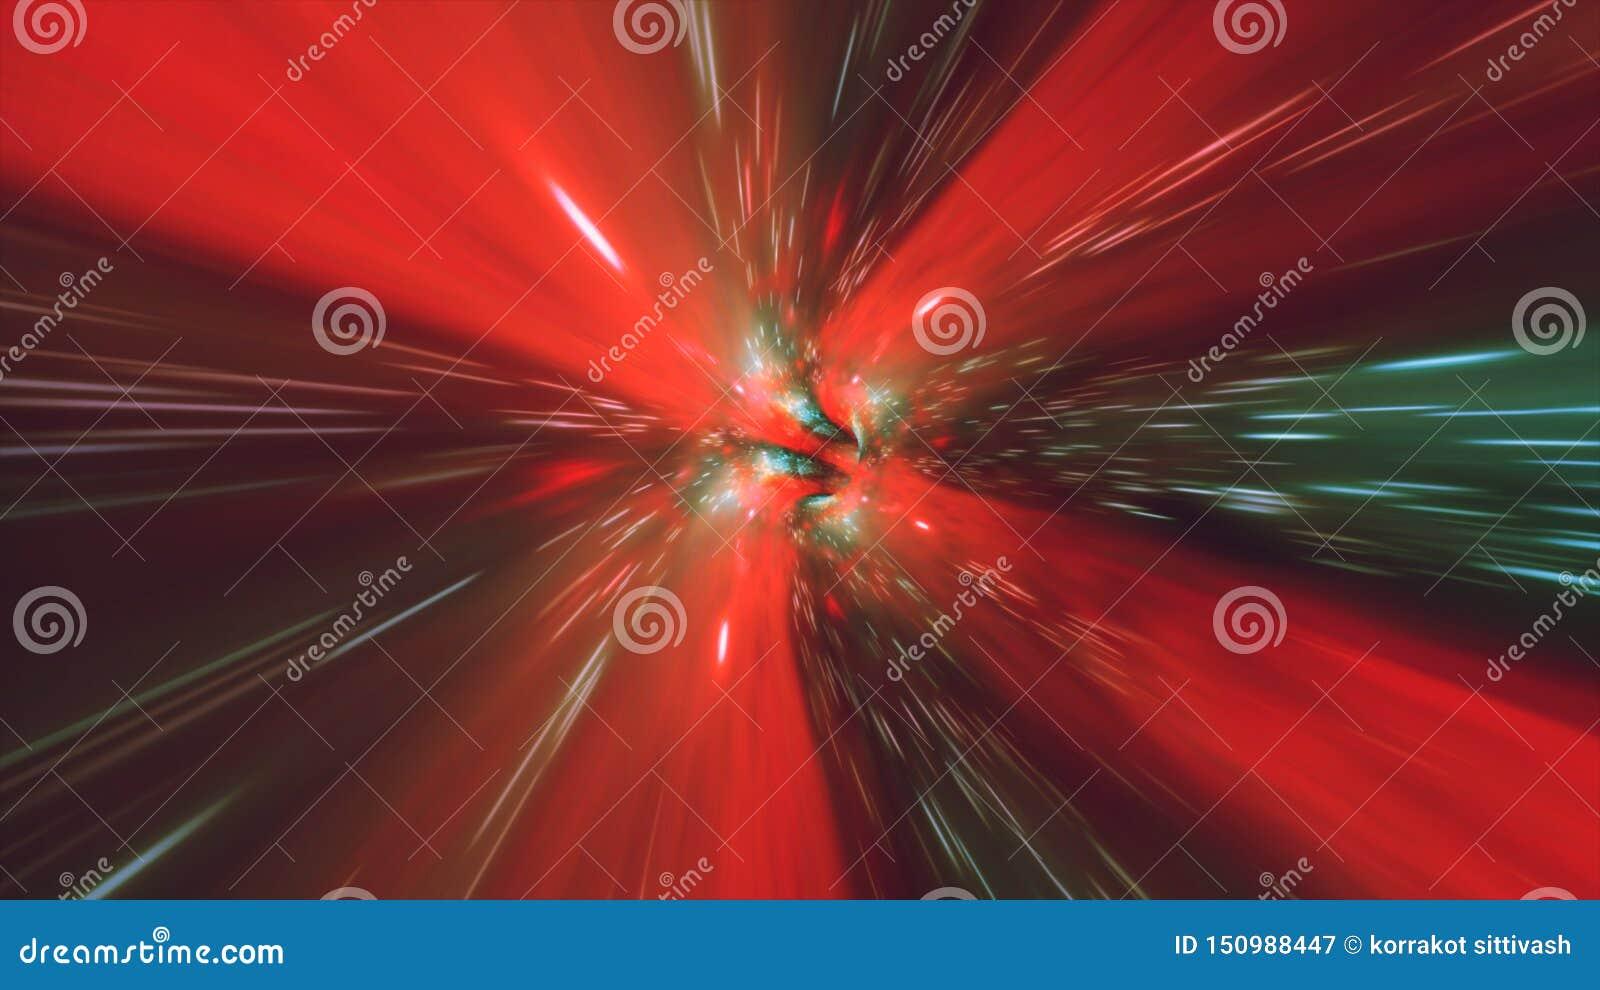 Tiempo y espacio hyperspace, animación del wormhole del túnel del vórtice del fondo 3D de la ciencia ficción de la deformación